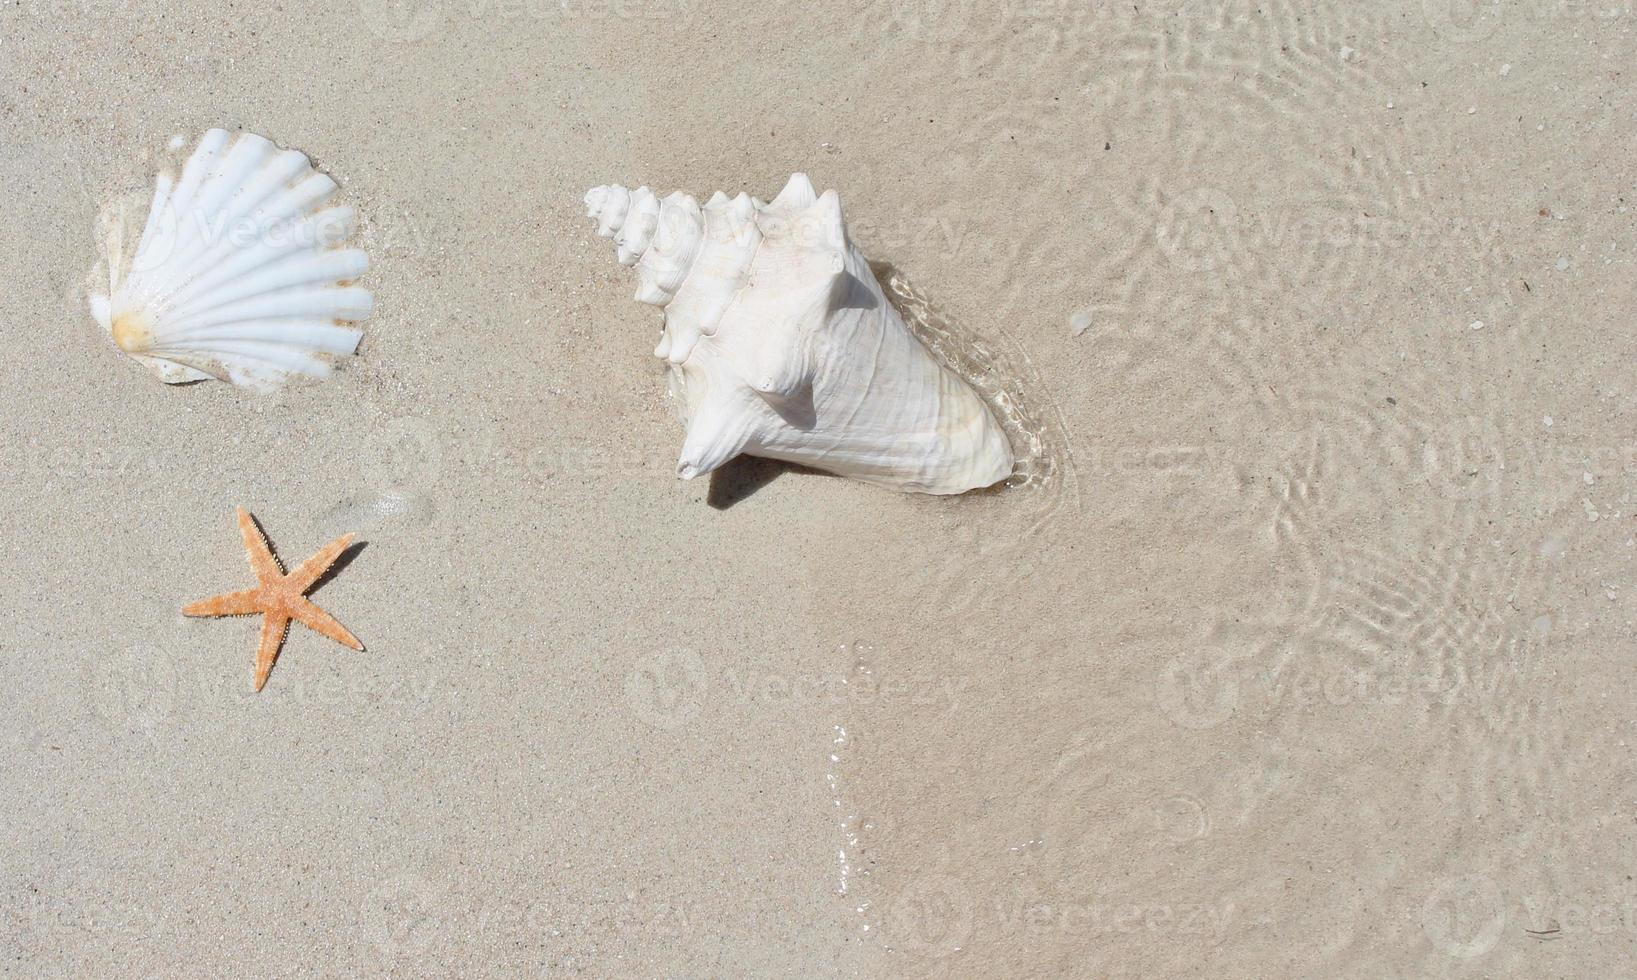 snäckskal på sand. kopiera utrymme foto